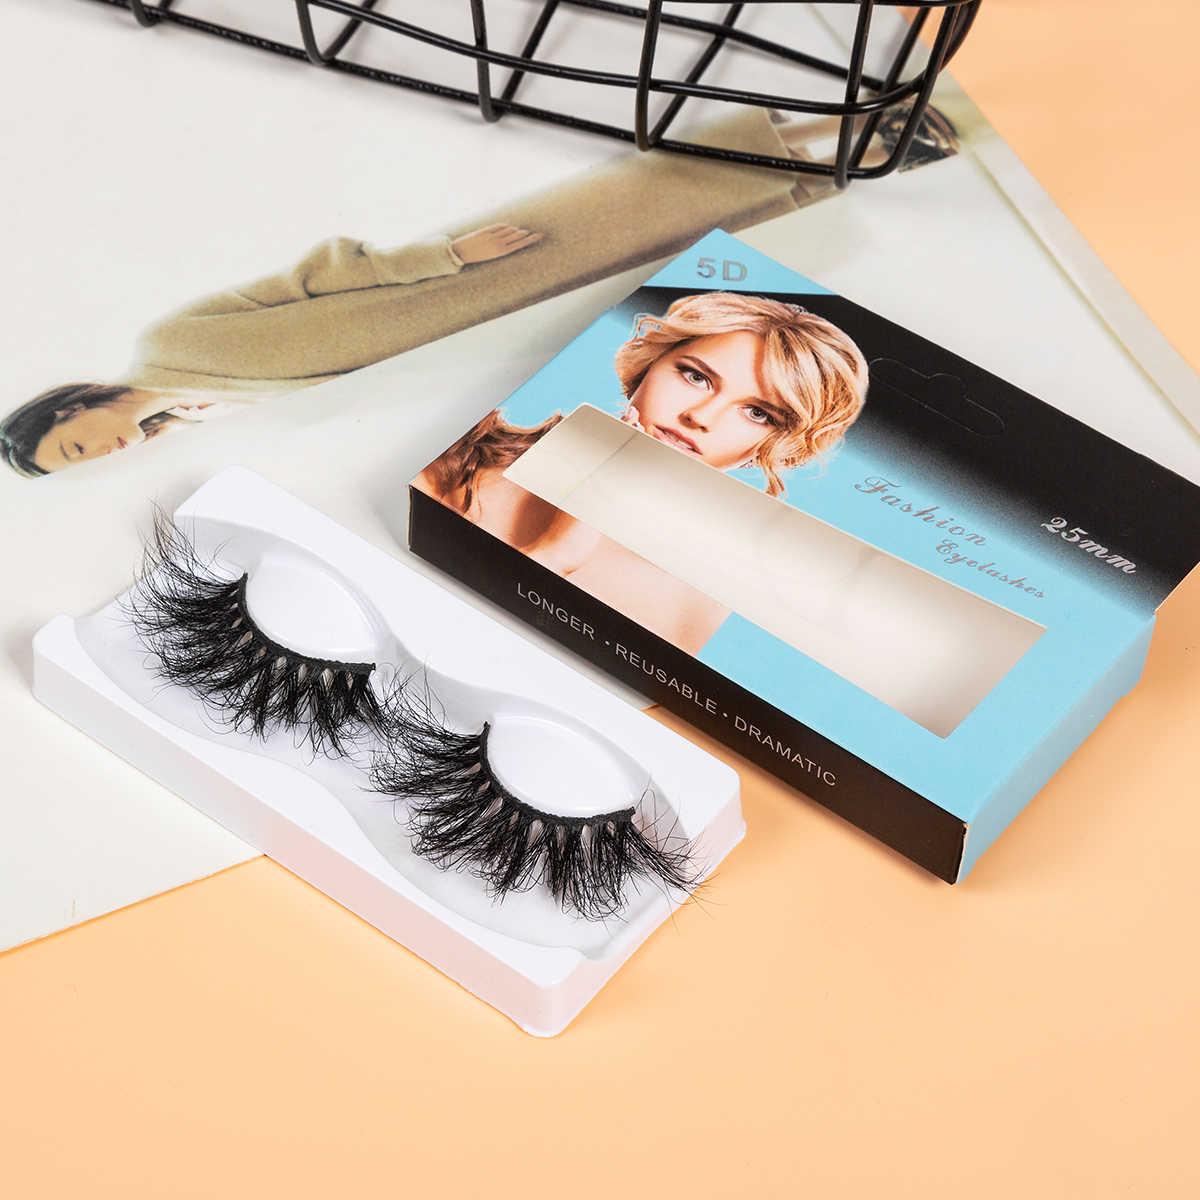 Накладные ресницы SEXYSHEEP, 25 мм, 5D, 100% без грусти, ресницы ручной работы, многоразовые натуральные ресницы, Популярные Накладные ресницы для макияжа